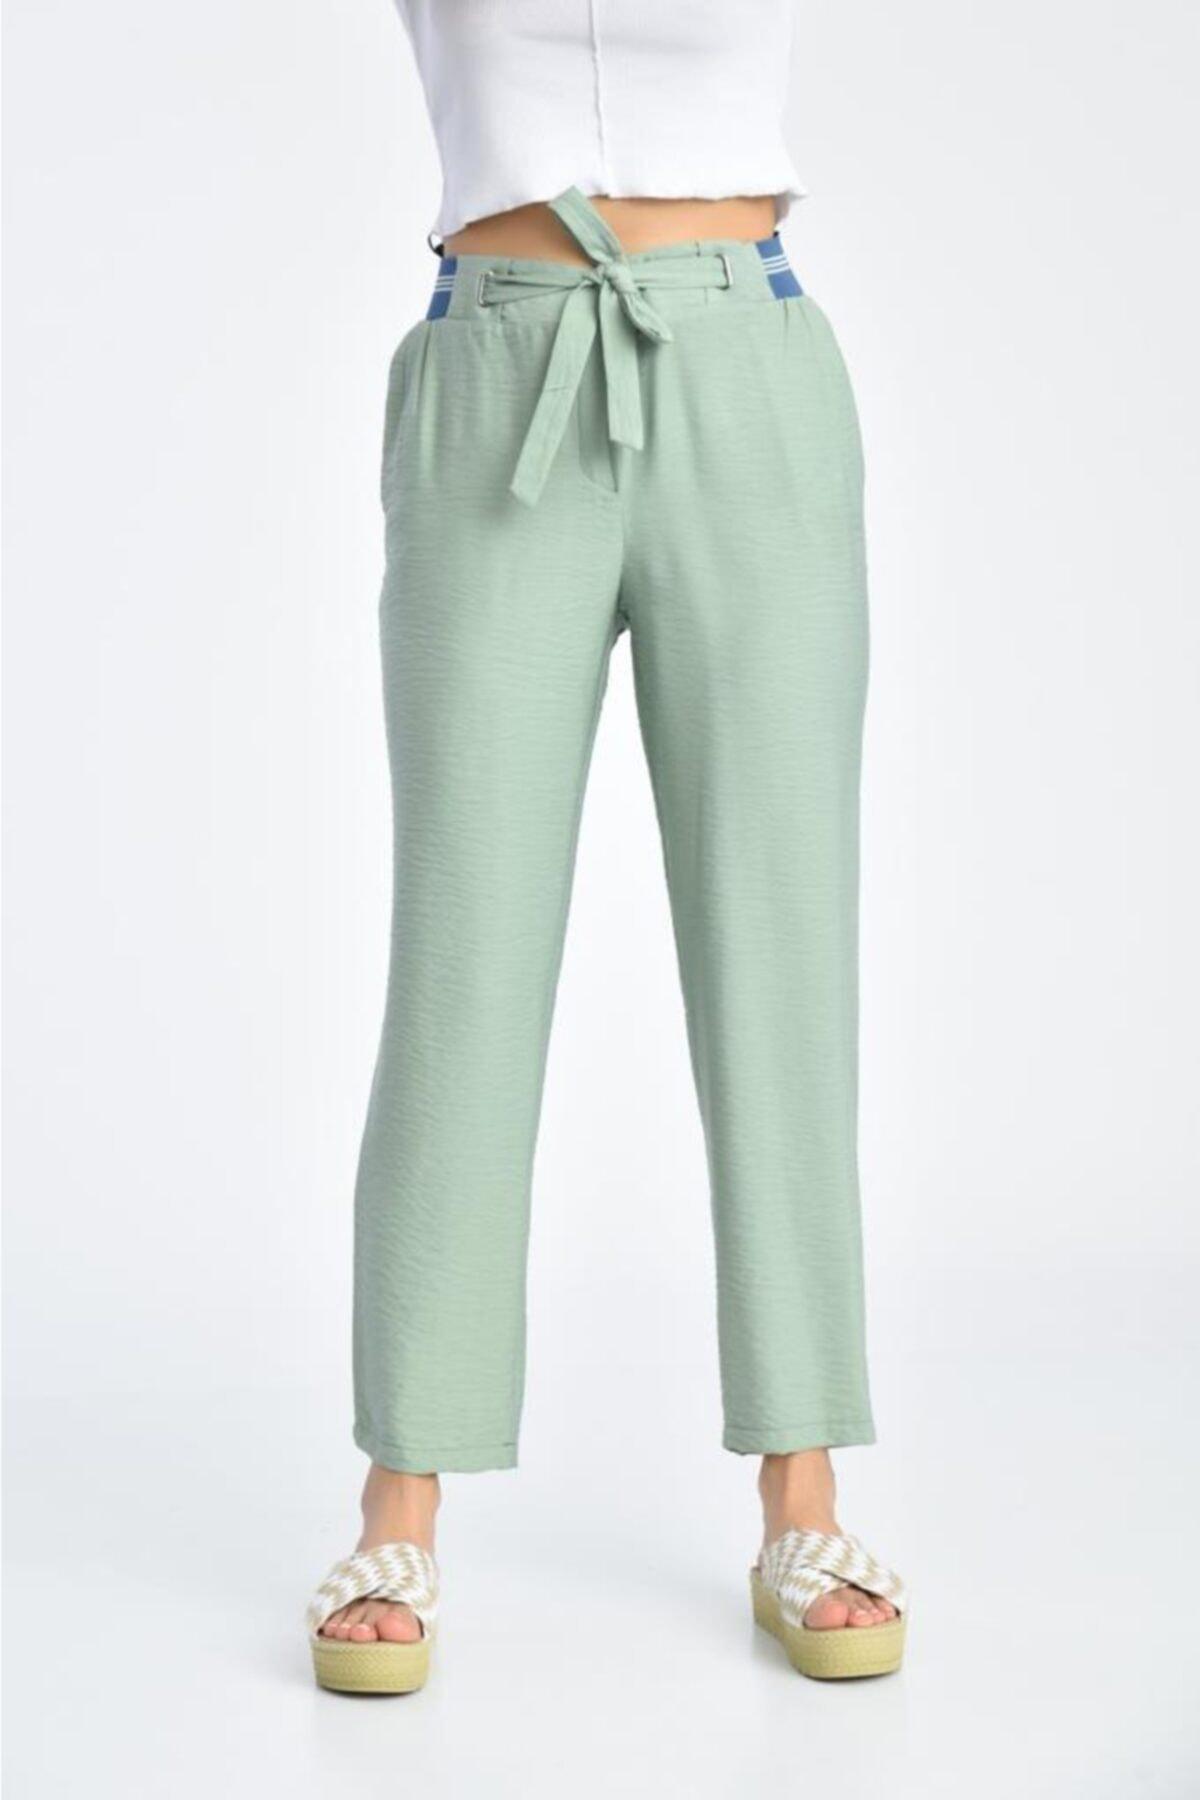 Modkofoni Bağcıklı Belden Lastikli Mint Yeşili Pantolon 2